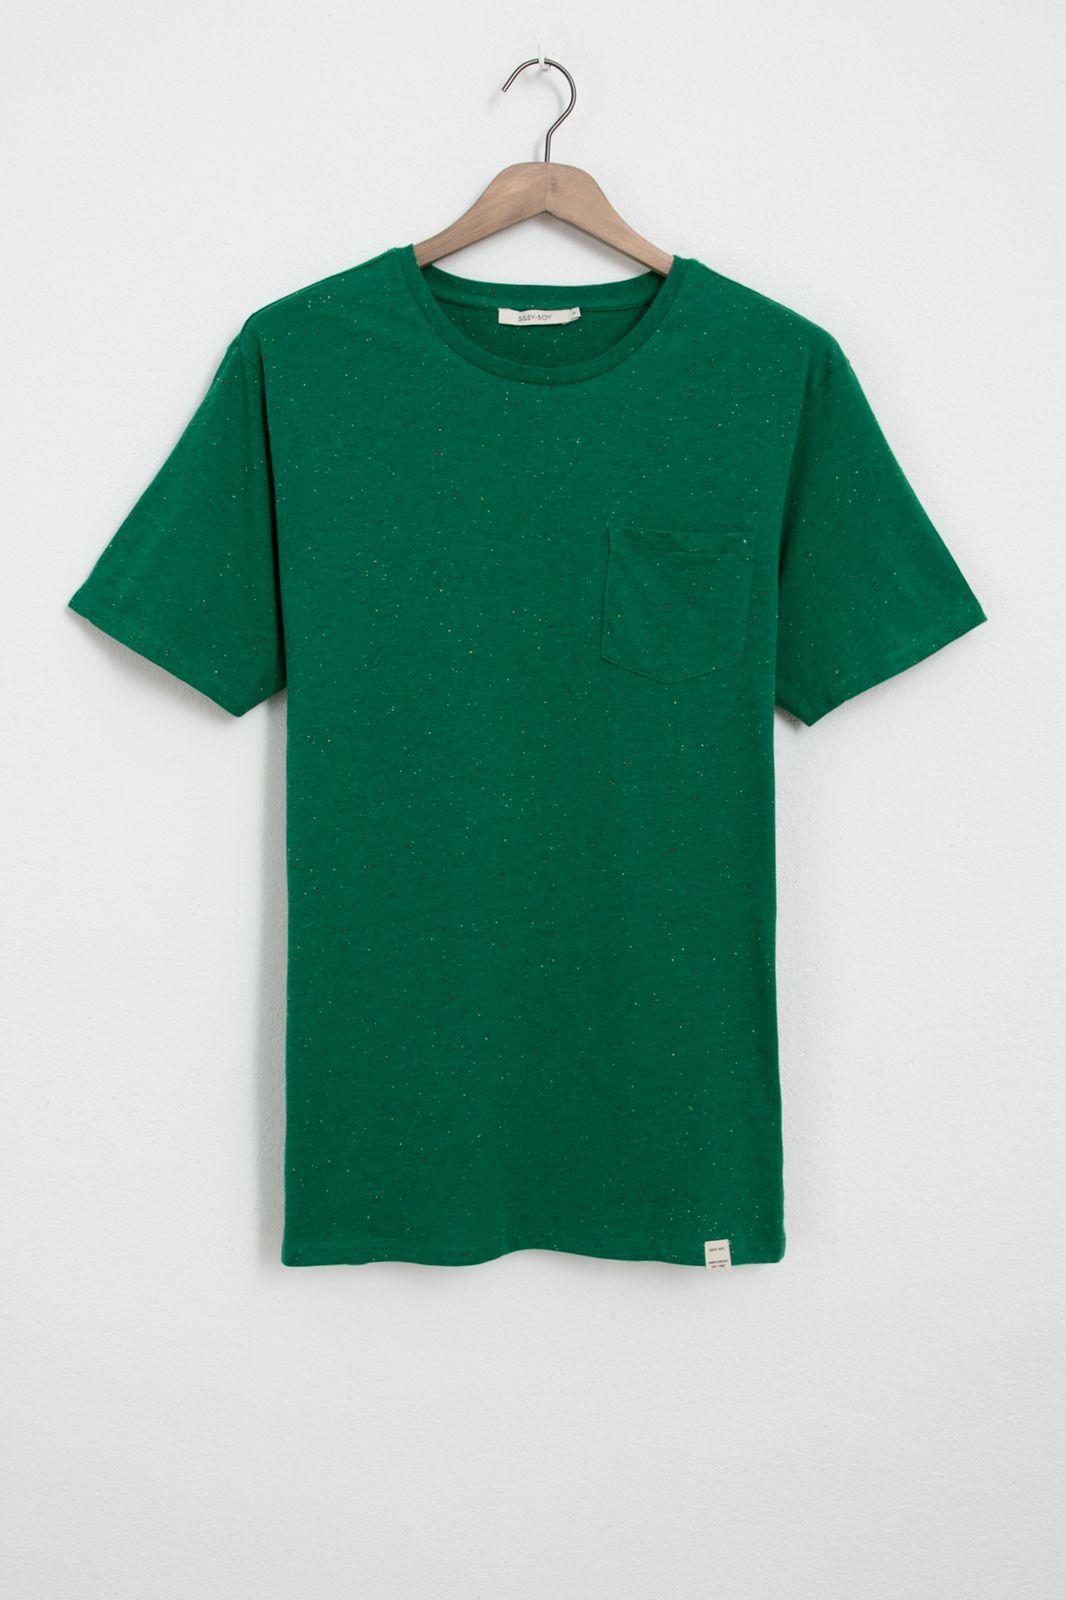 Groen neps t-shirt met borstzakje